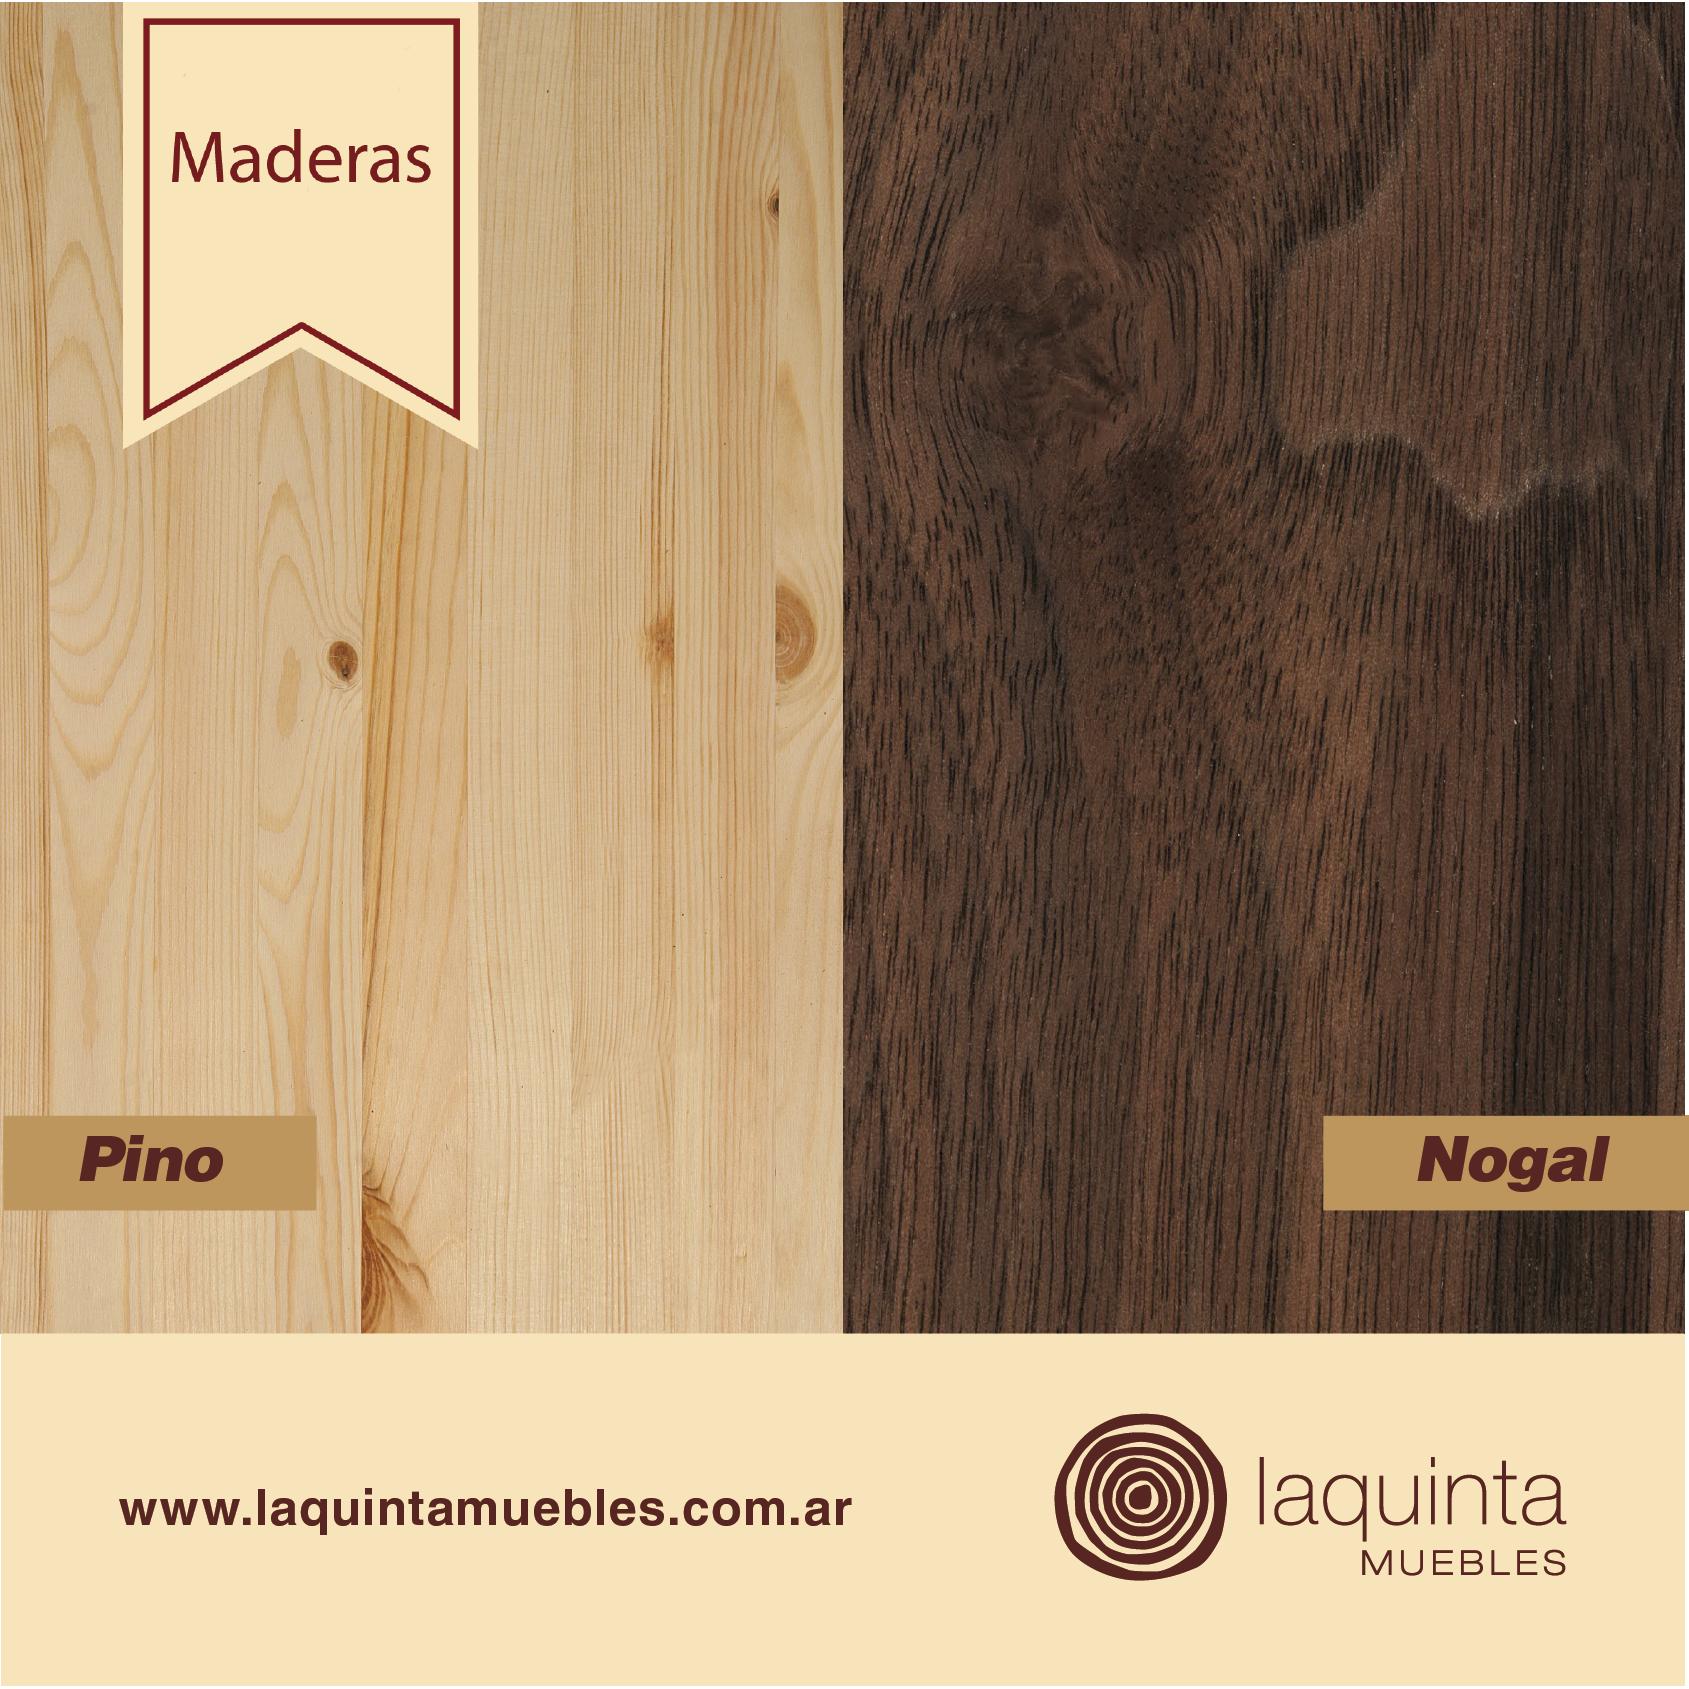 d37fb1a37 ¿Sabías que hay dos tipos de maderas? Las maderas blandas, como la madera